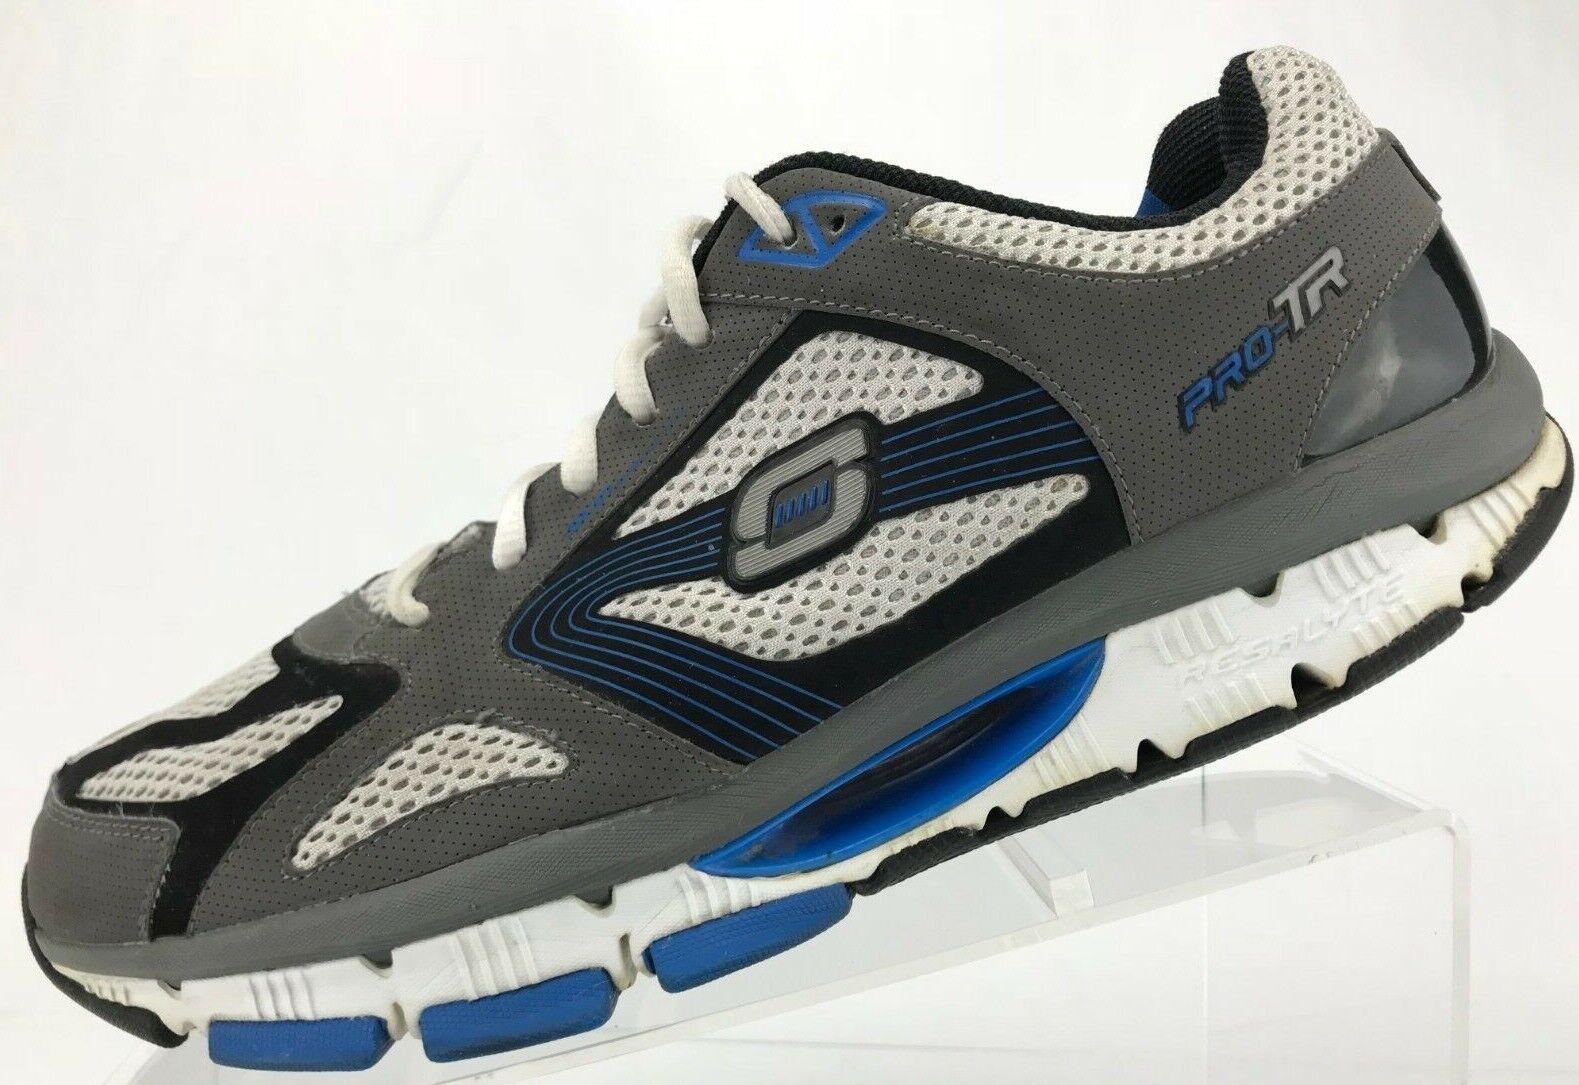 Zapatos de entrenamiento Skechers Resistance Pro TR tenis de correr para hombre 10.5 Azul gris